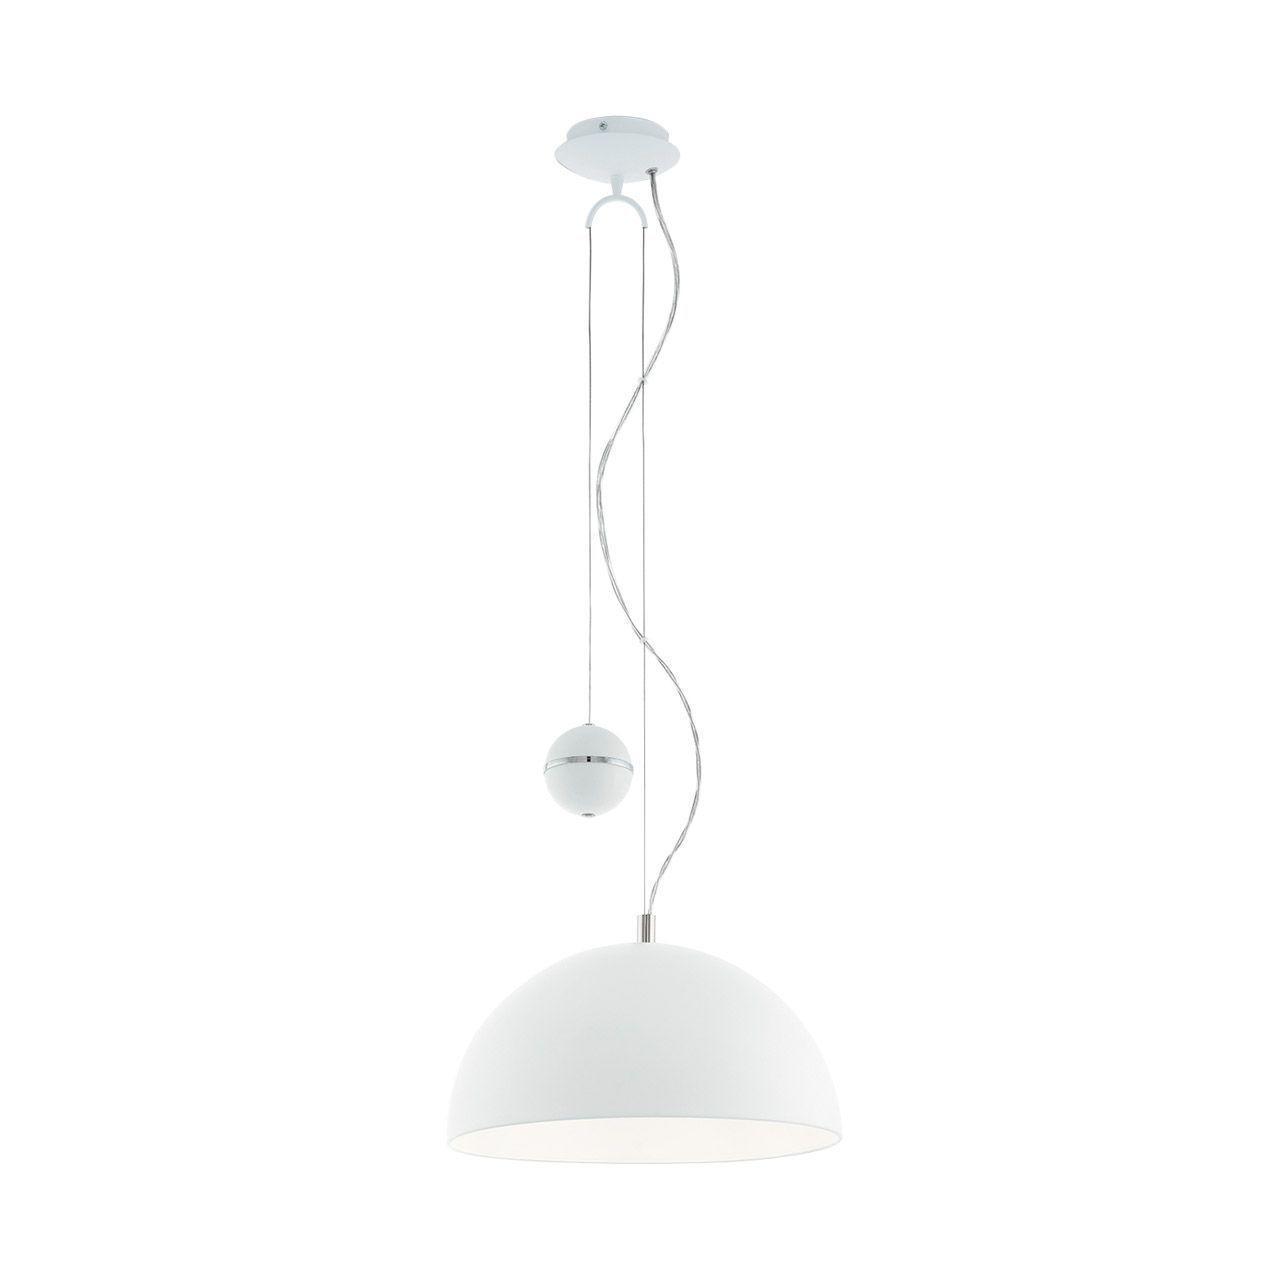 Подвесной светильник Eglo Pacheco 95429 подвесной светильник eglo pacheco 95429